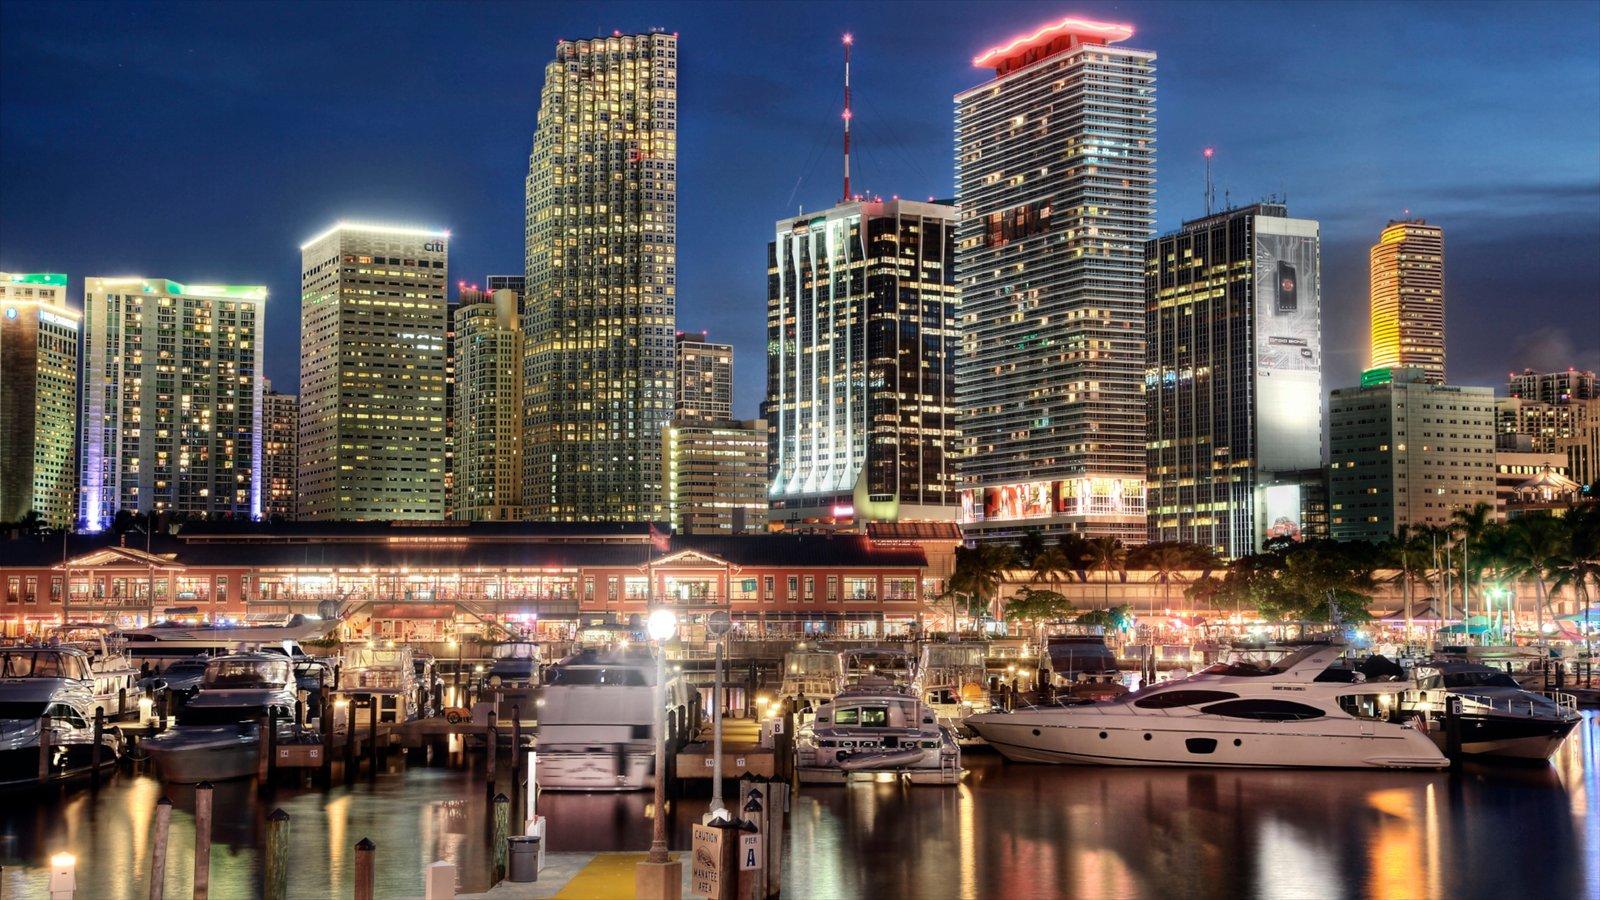 Miami que incluye paseos en lancha, una ciudad y una marina